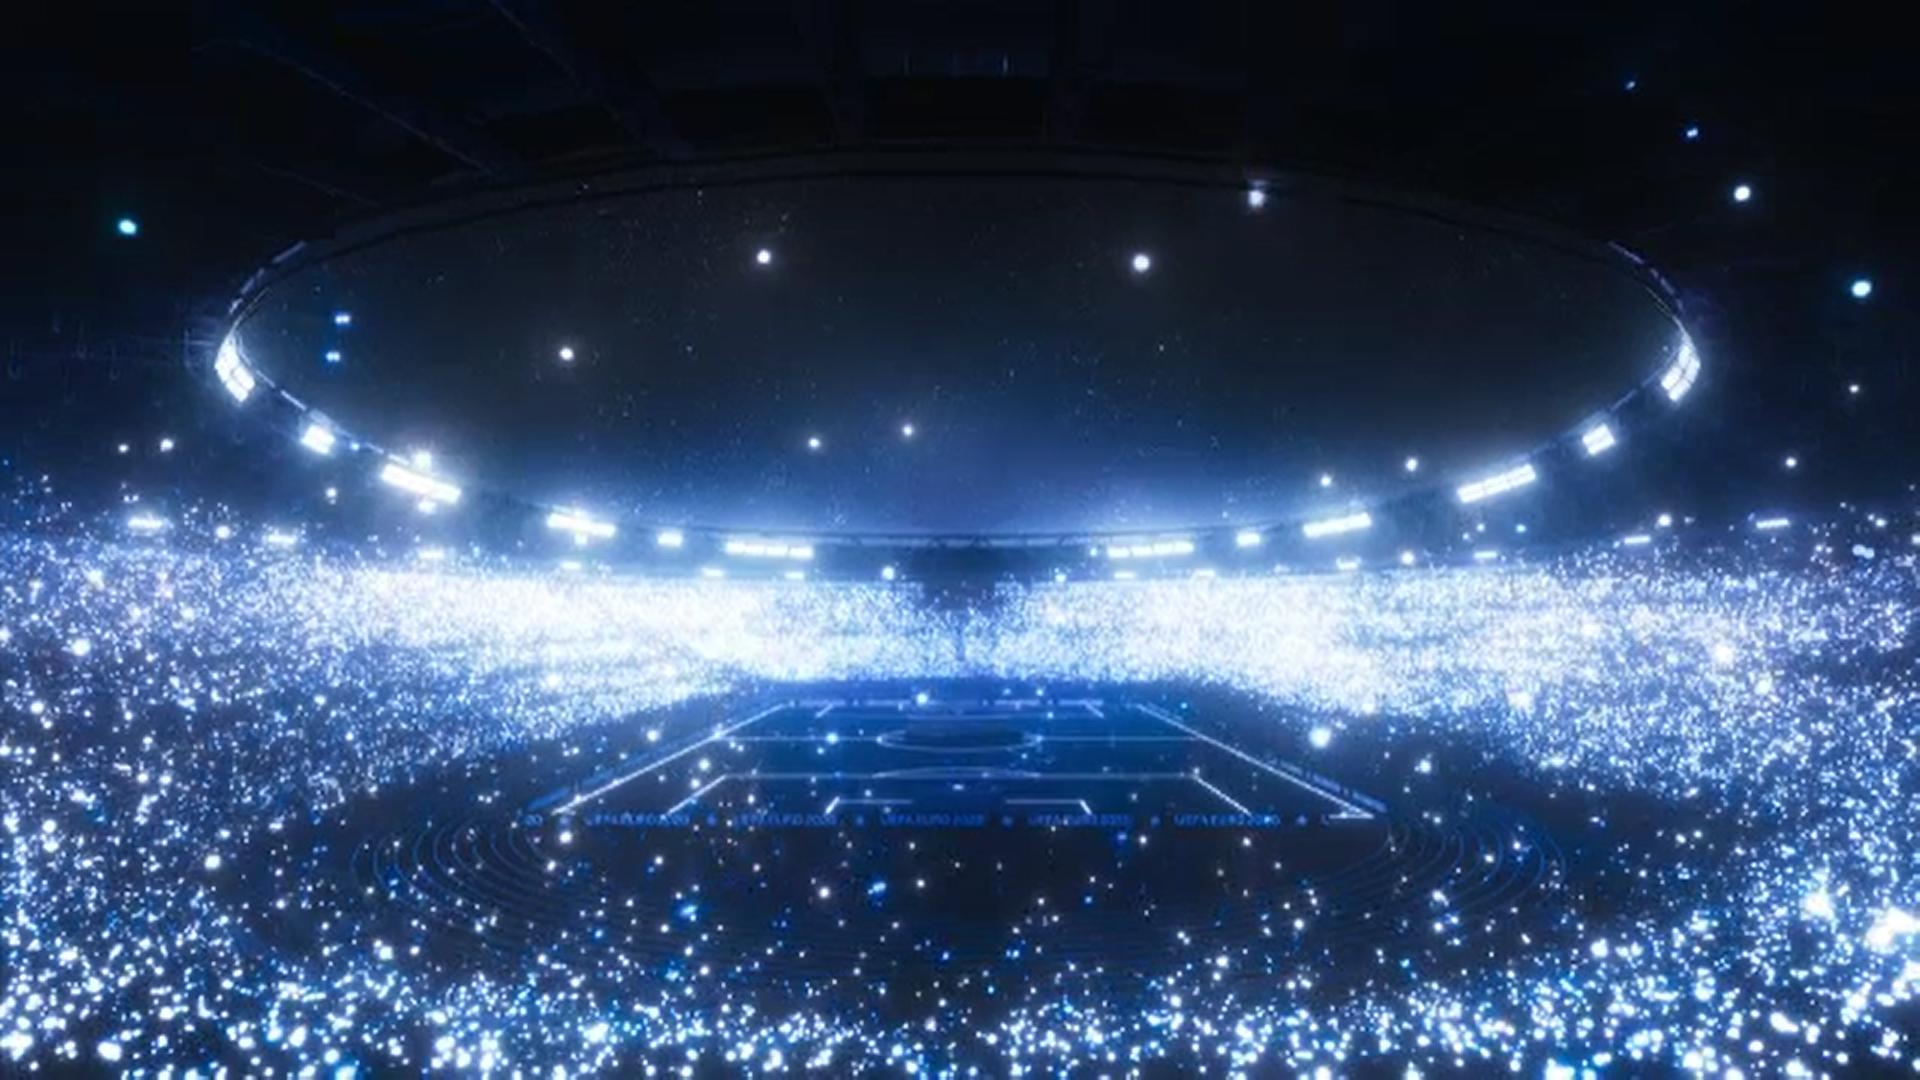 Începe campionatul EURO 2020. Muzica şi fotbalul aduc milioane de oameni împreună